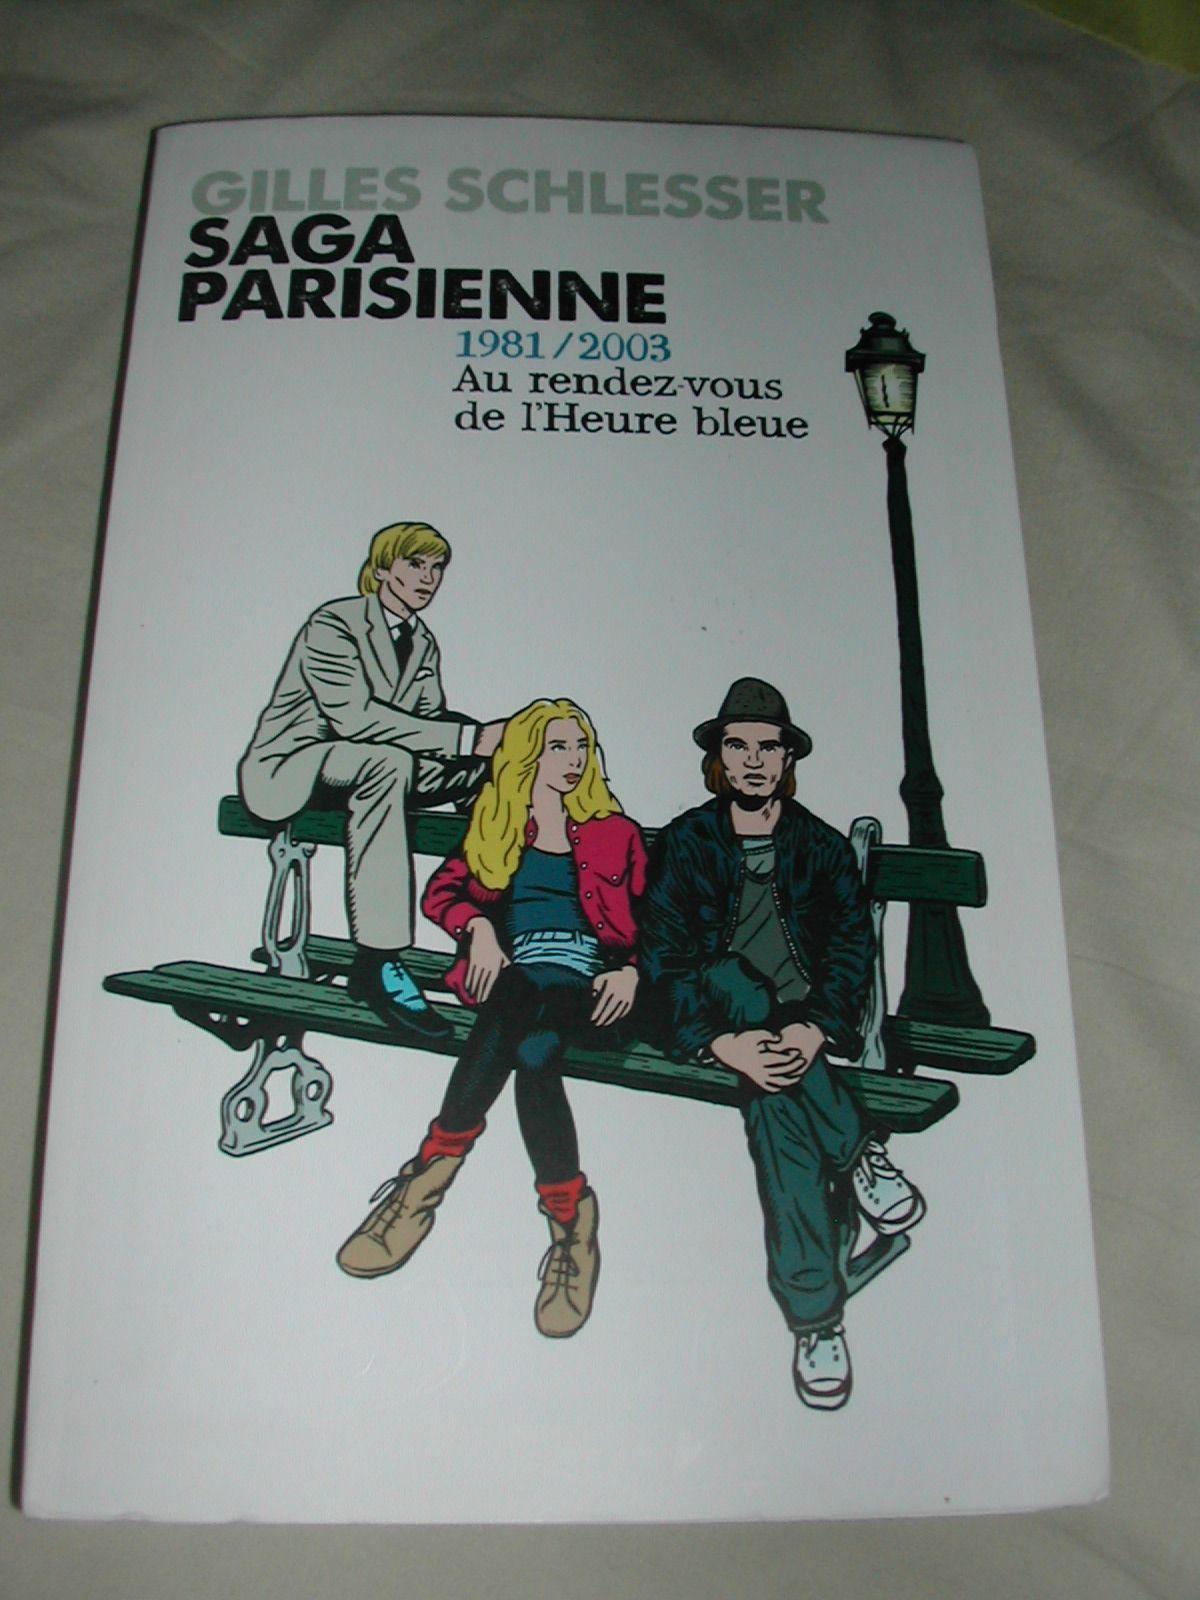 Saga parisienne 1981/2003 Au rendez-vous de l'Heure bleue